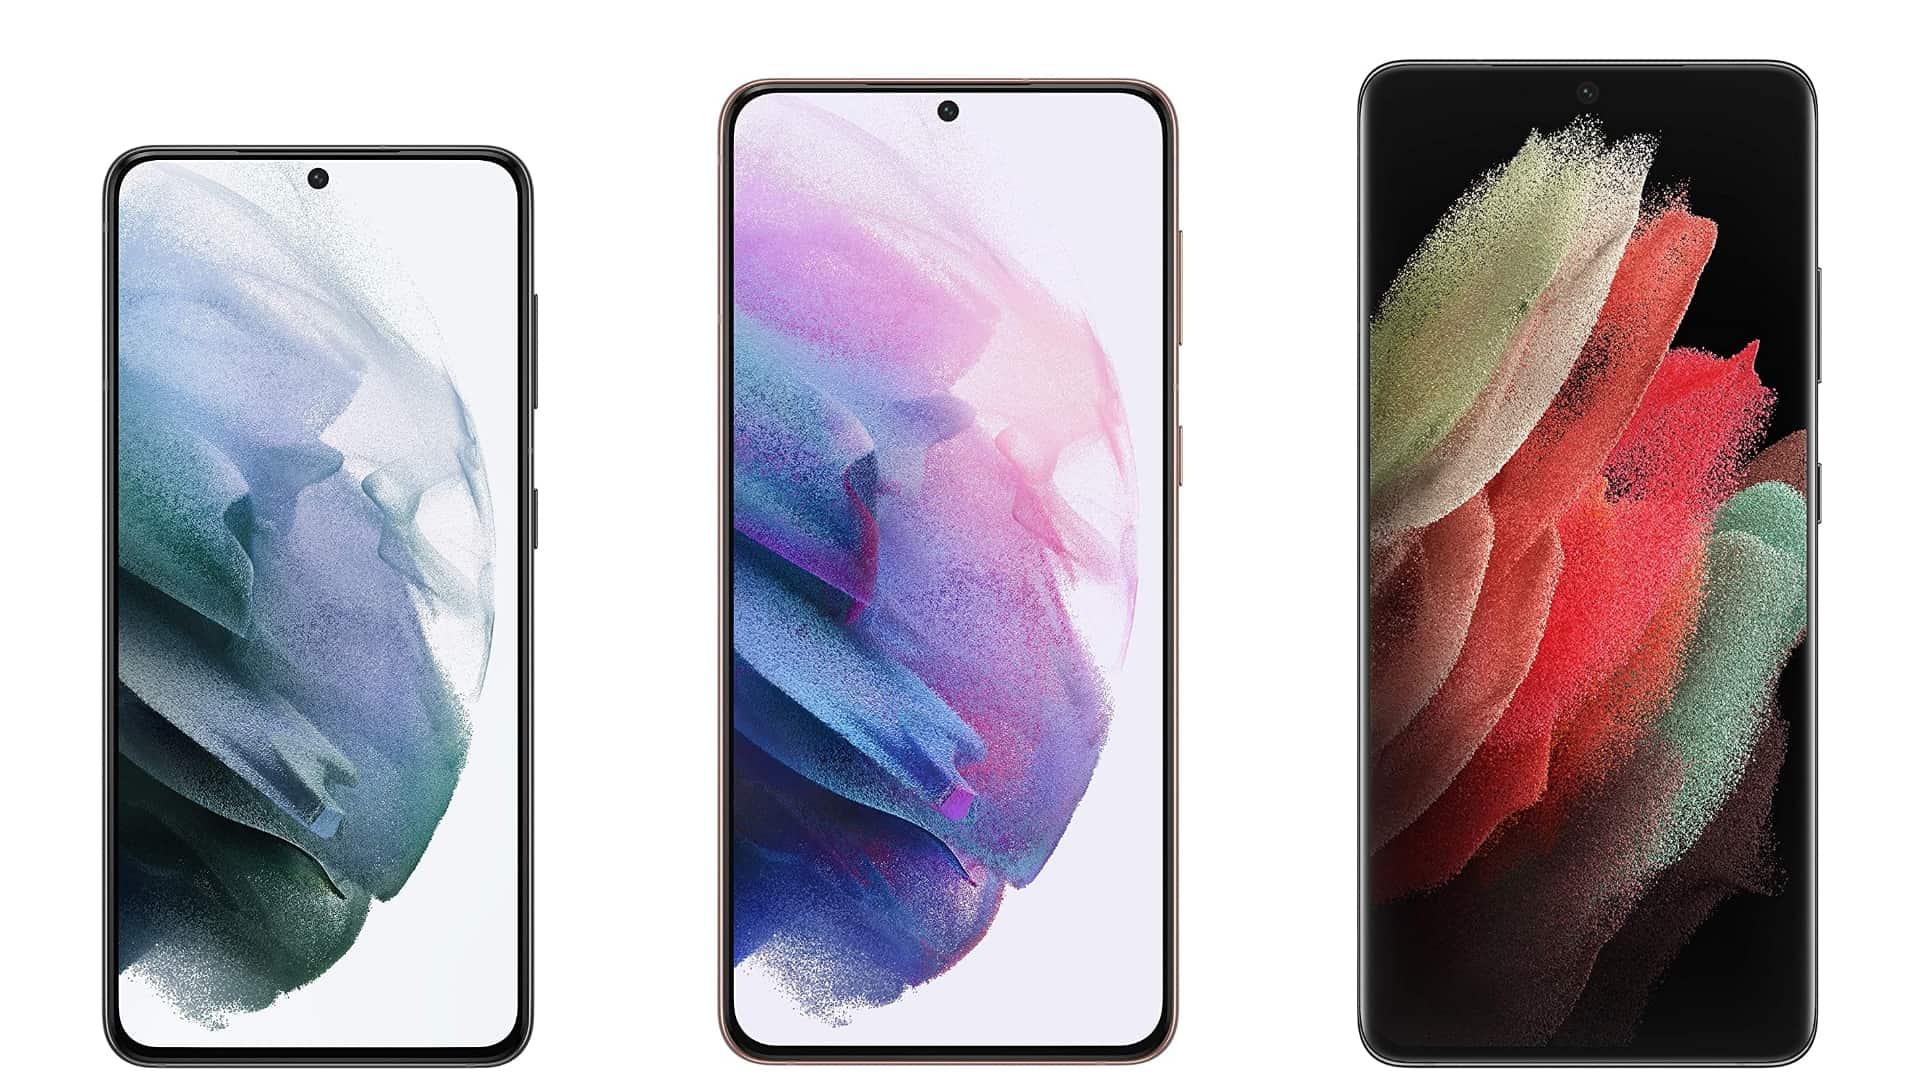 Samsung Galaxy S21 series render